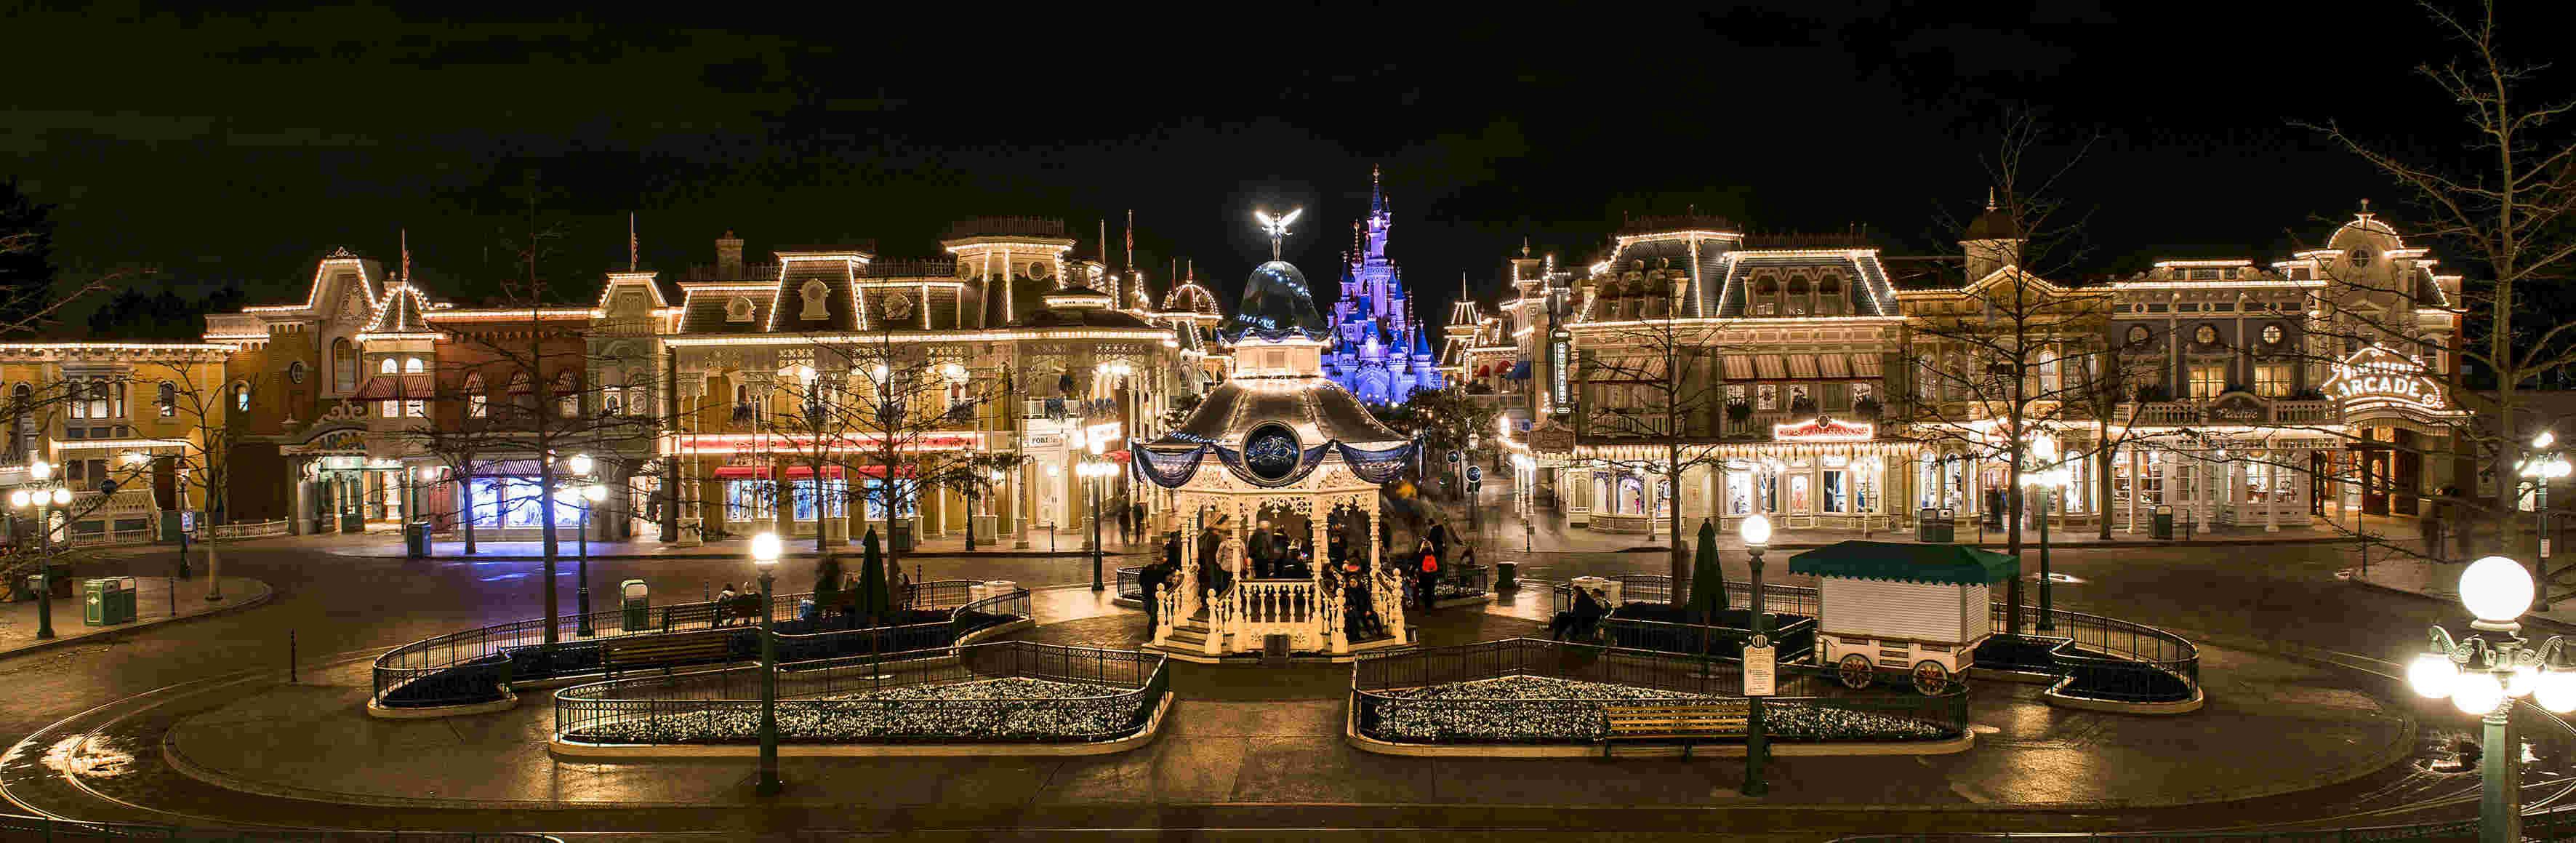 25° Anniversario di Disneyland Paris - Pagina 29 N0255513